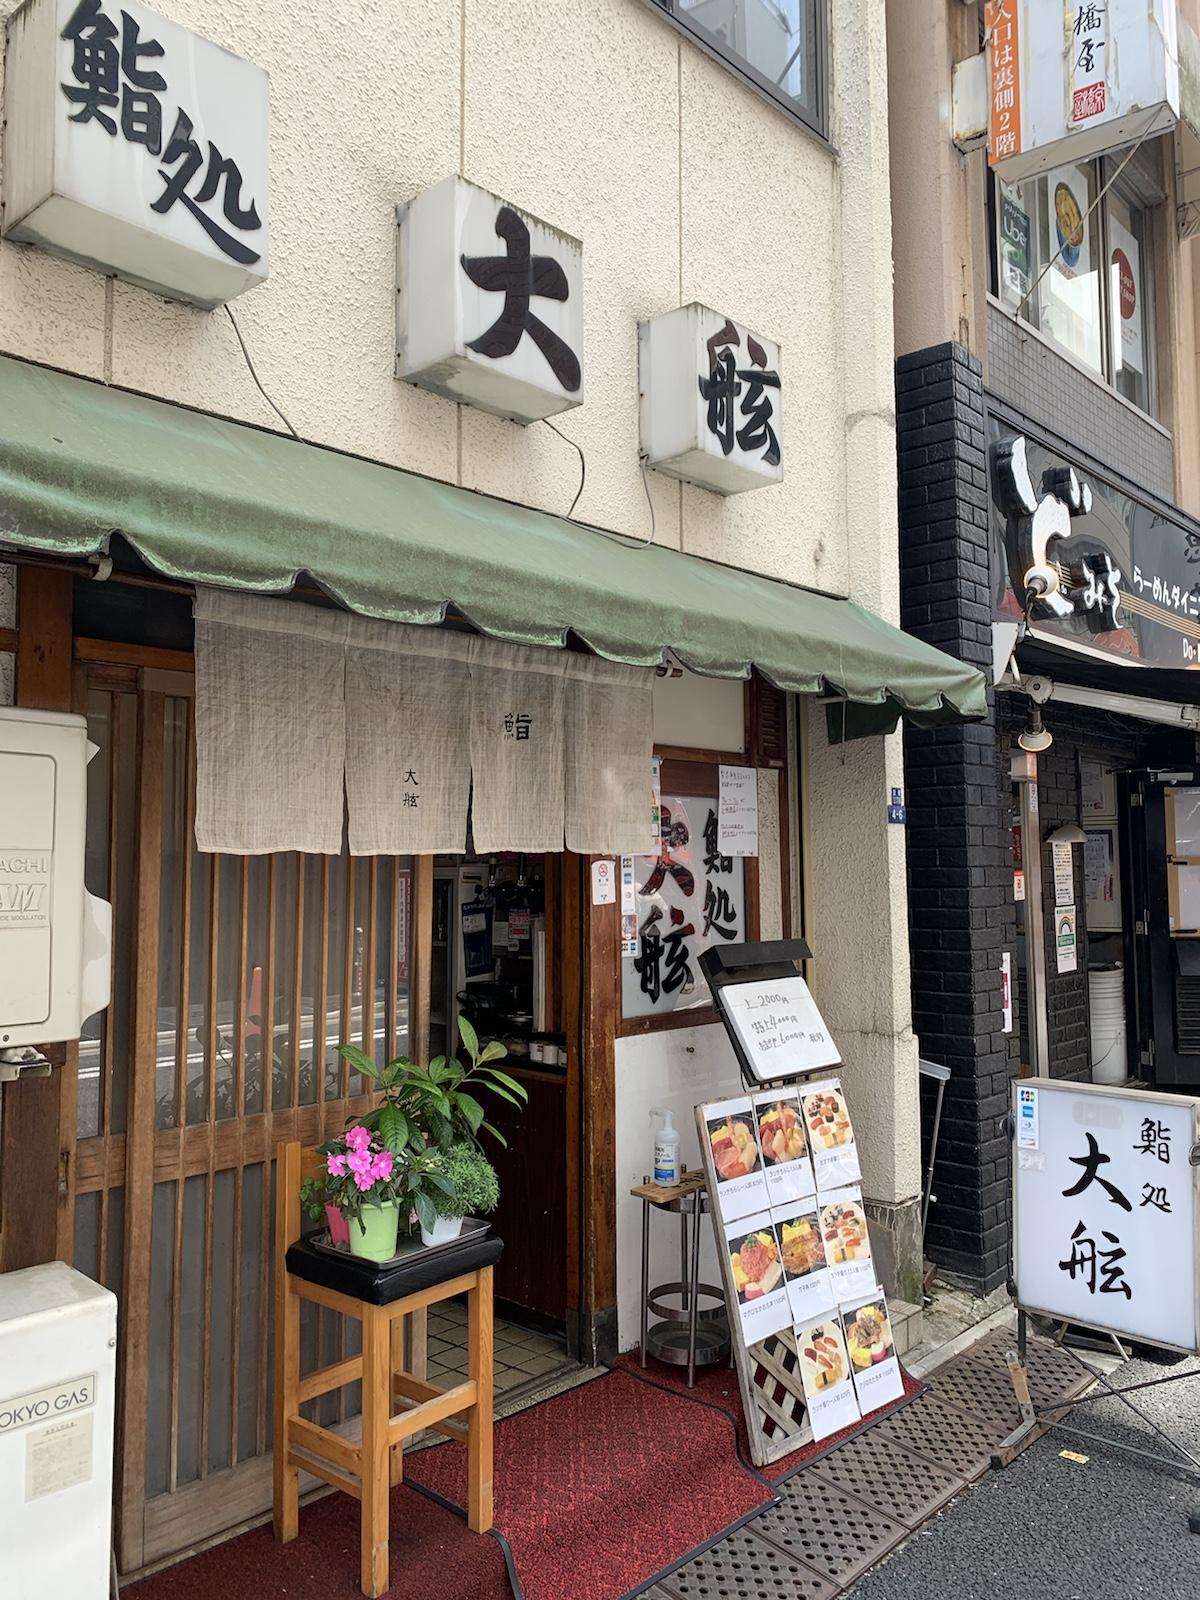 大舷 (だいげん) 京橋 銀座一丁目 寿司 鮨